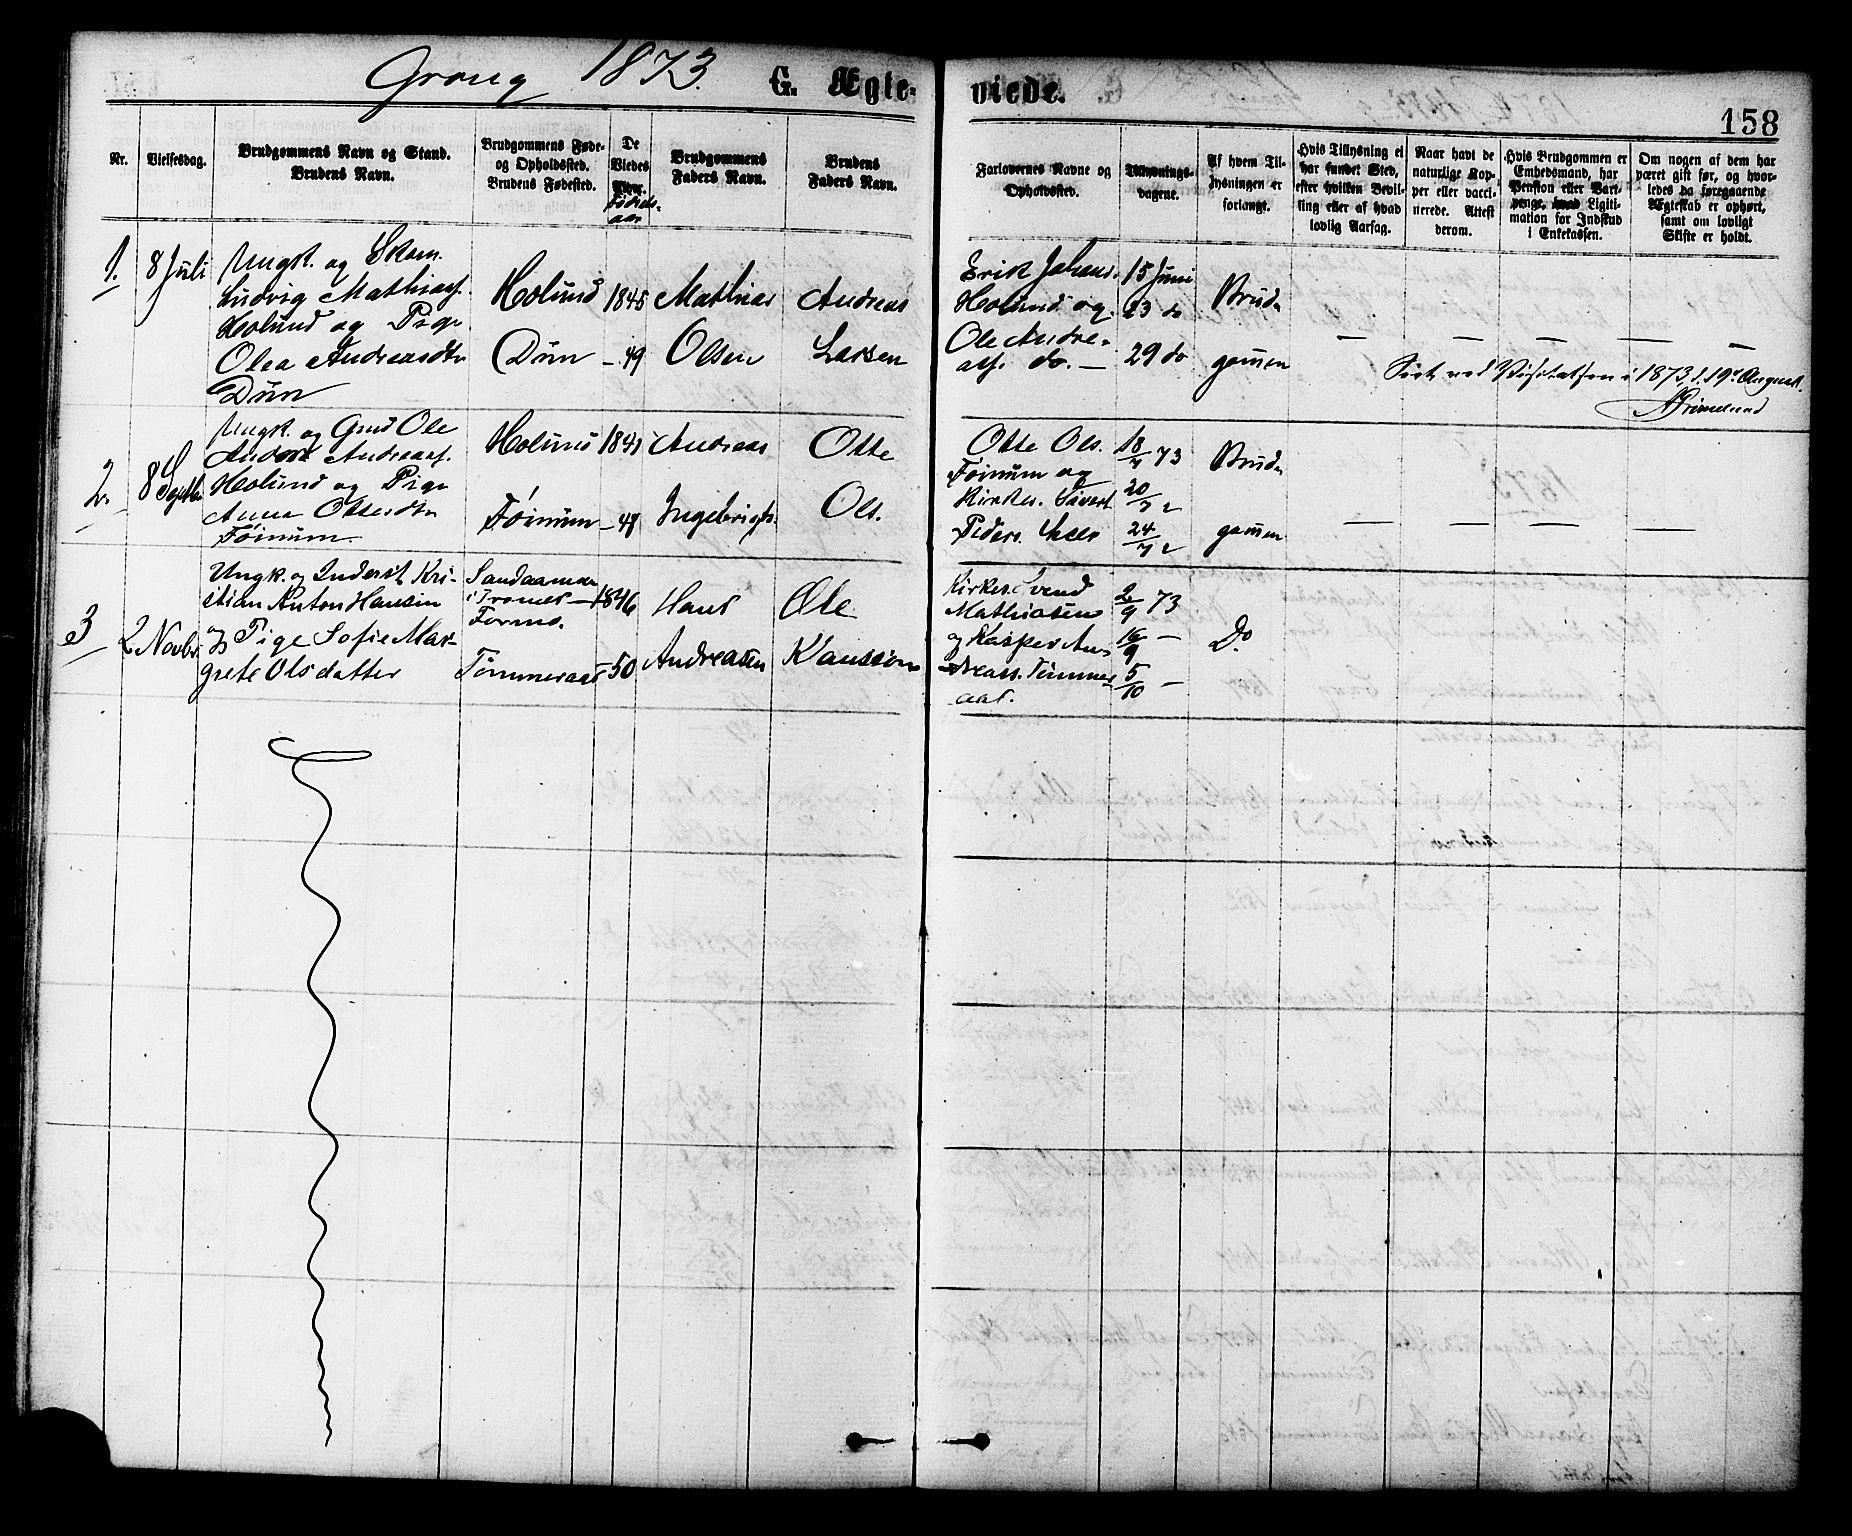 SAT, Ministerialprotokoller, klokkerbøker og fødselsregistre - Nord-Trøndelag, 758/L0516: Ministerialbok nr. 758A03 /1, 1869-1879, s. 158